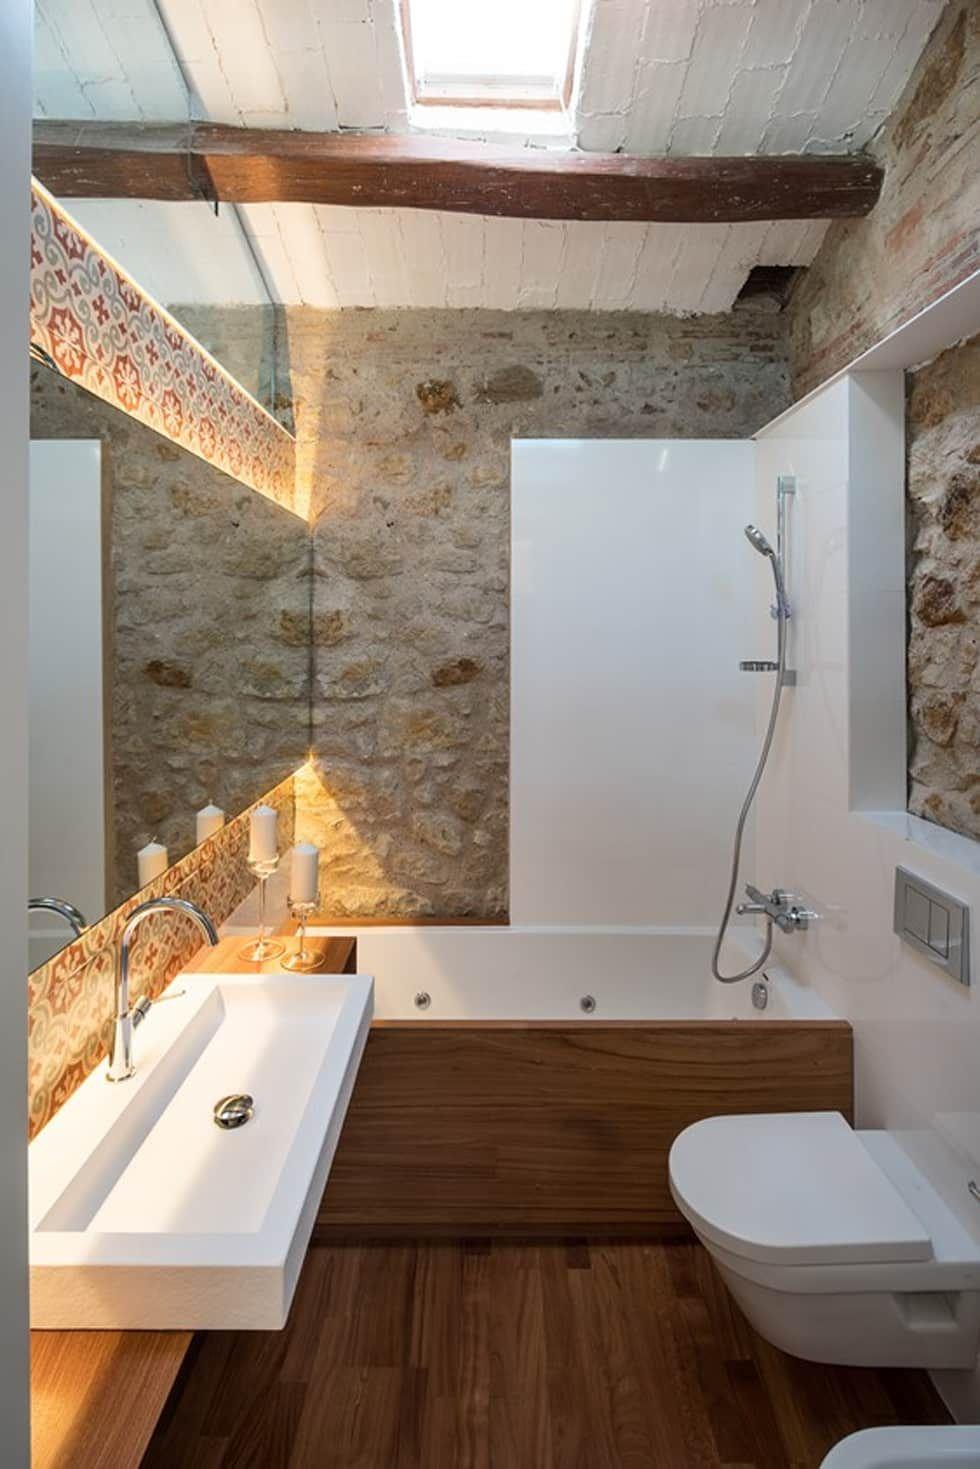 Bagno In Stile Rustico Di Tono Bagno Arredamento Bagno Arredamento Bagno Rustico Bagni Rustici Moderni